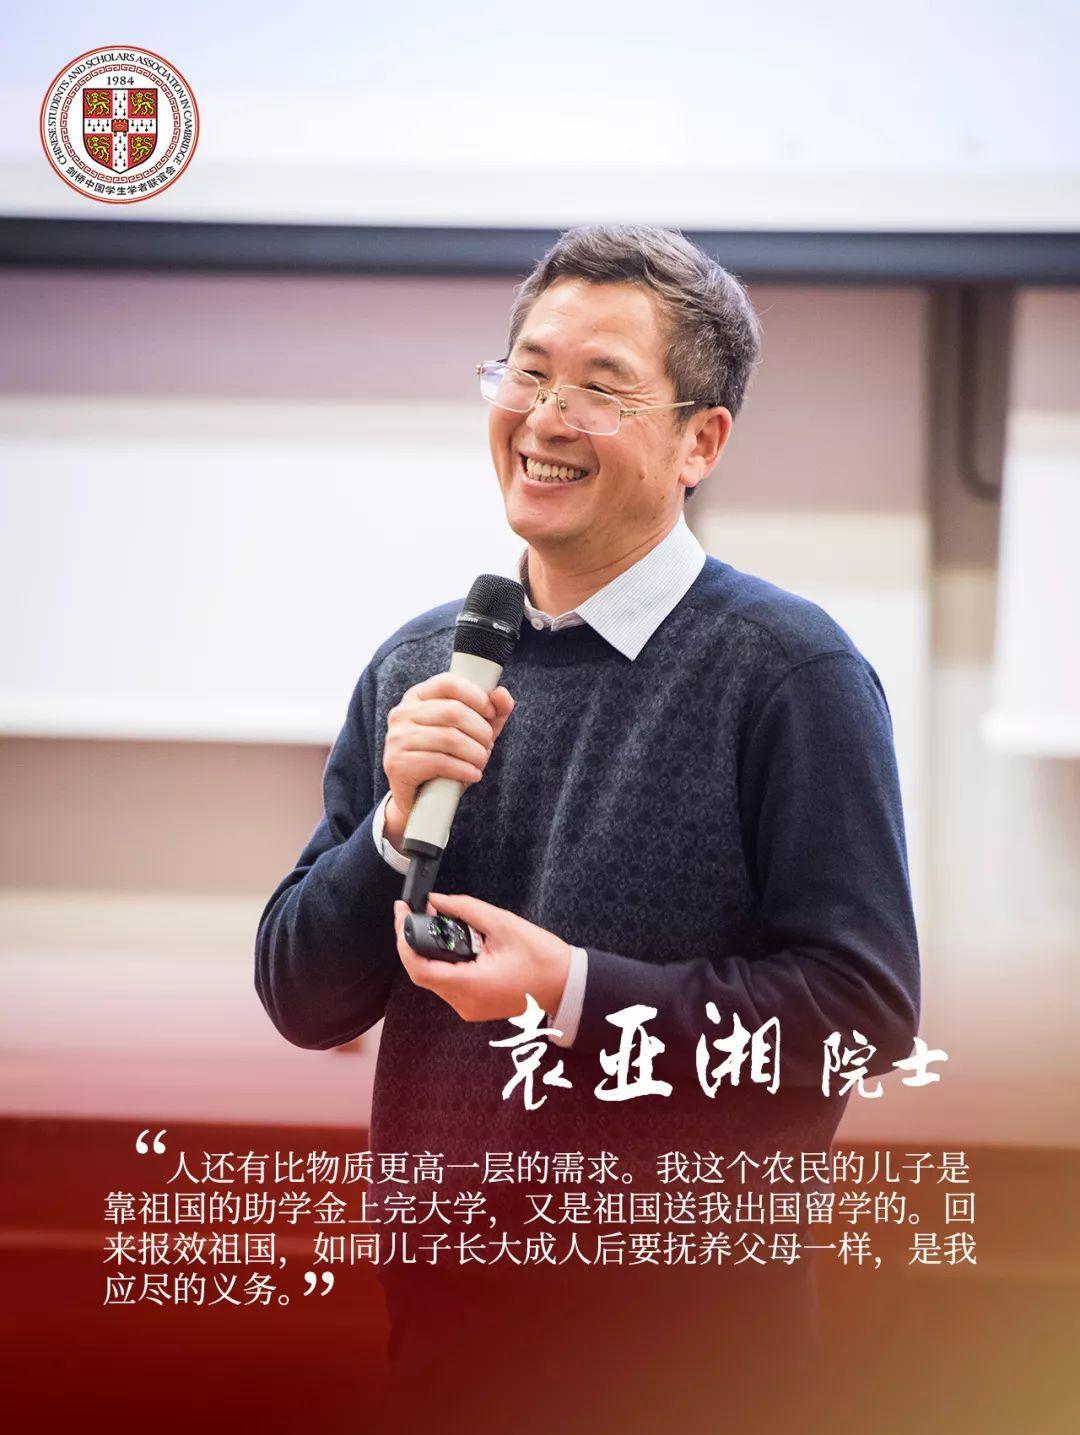 【剑桥中国学联35周年】首任主席袁亚湘院士:前进征程上,回国正当时!